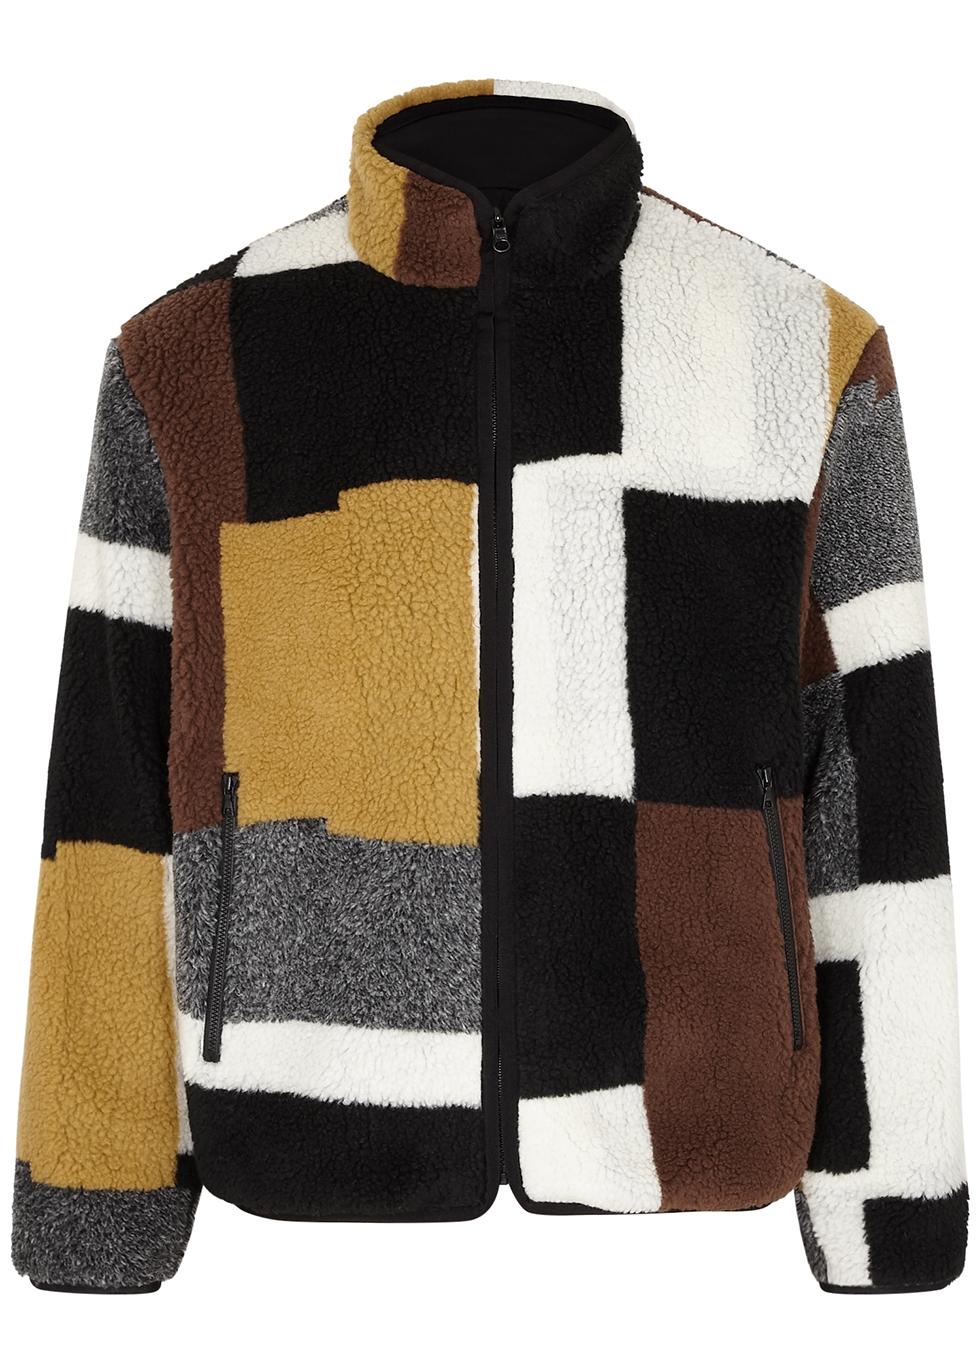 Colour-blocked PolarFleece®️ jacket